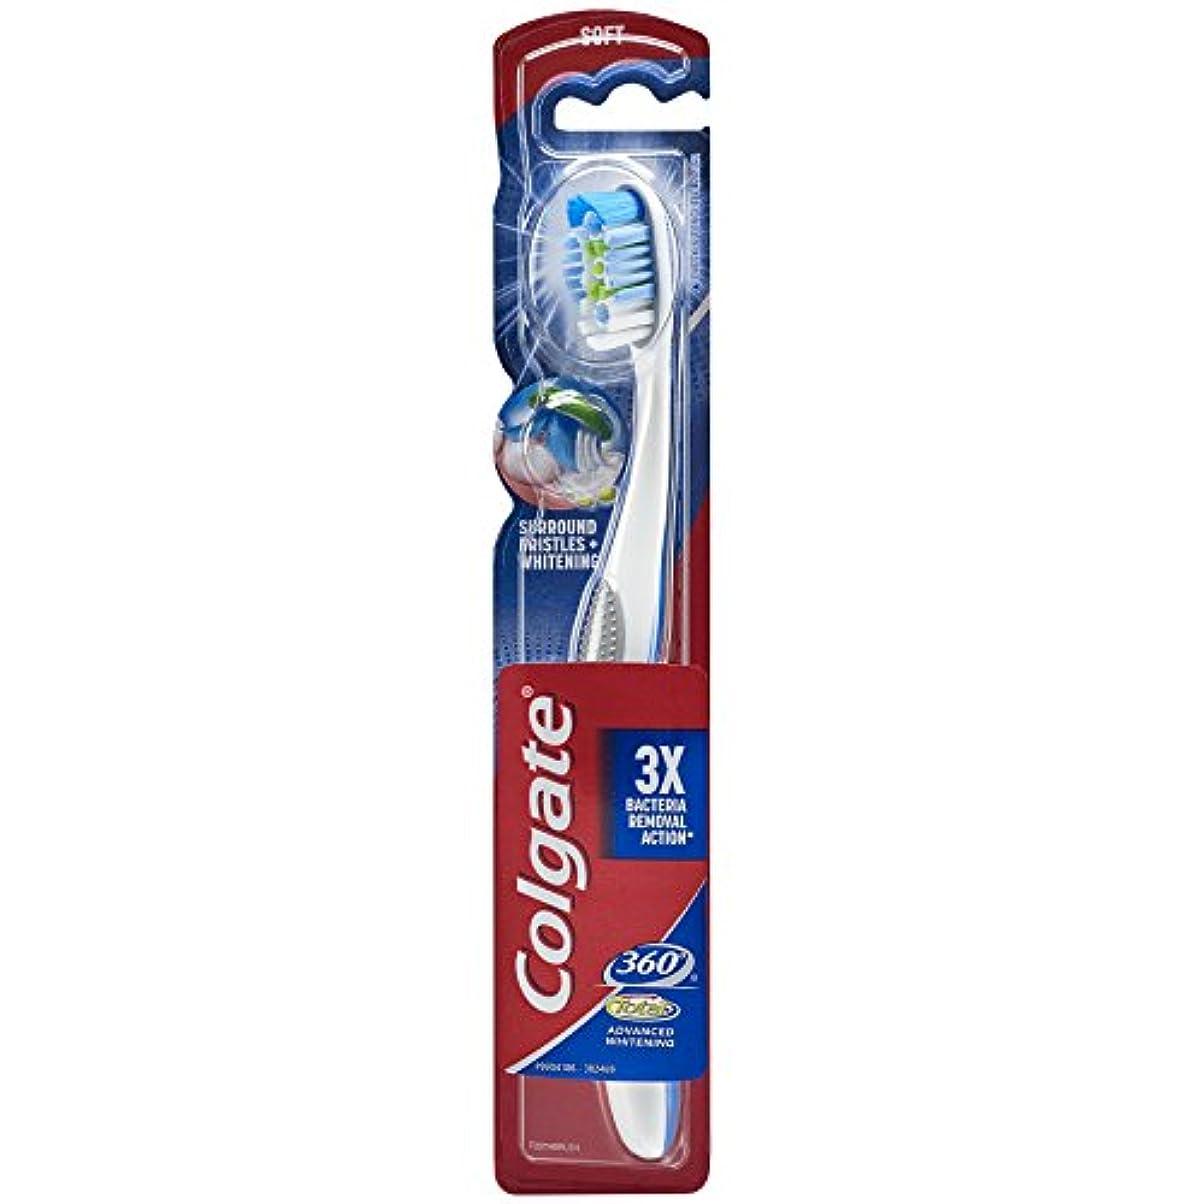 テレビ確保するシンプルなColgate 360合計アドバンスト完全な頭部歯ブラシ、ソフト(1パック) 1パック